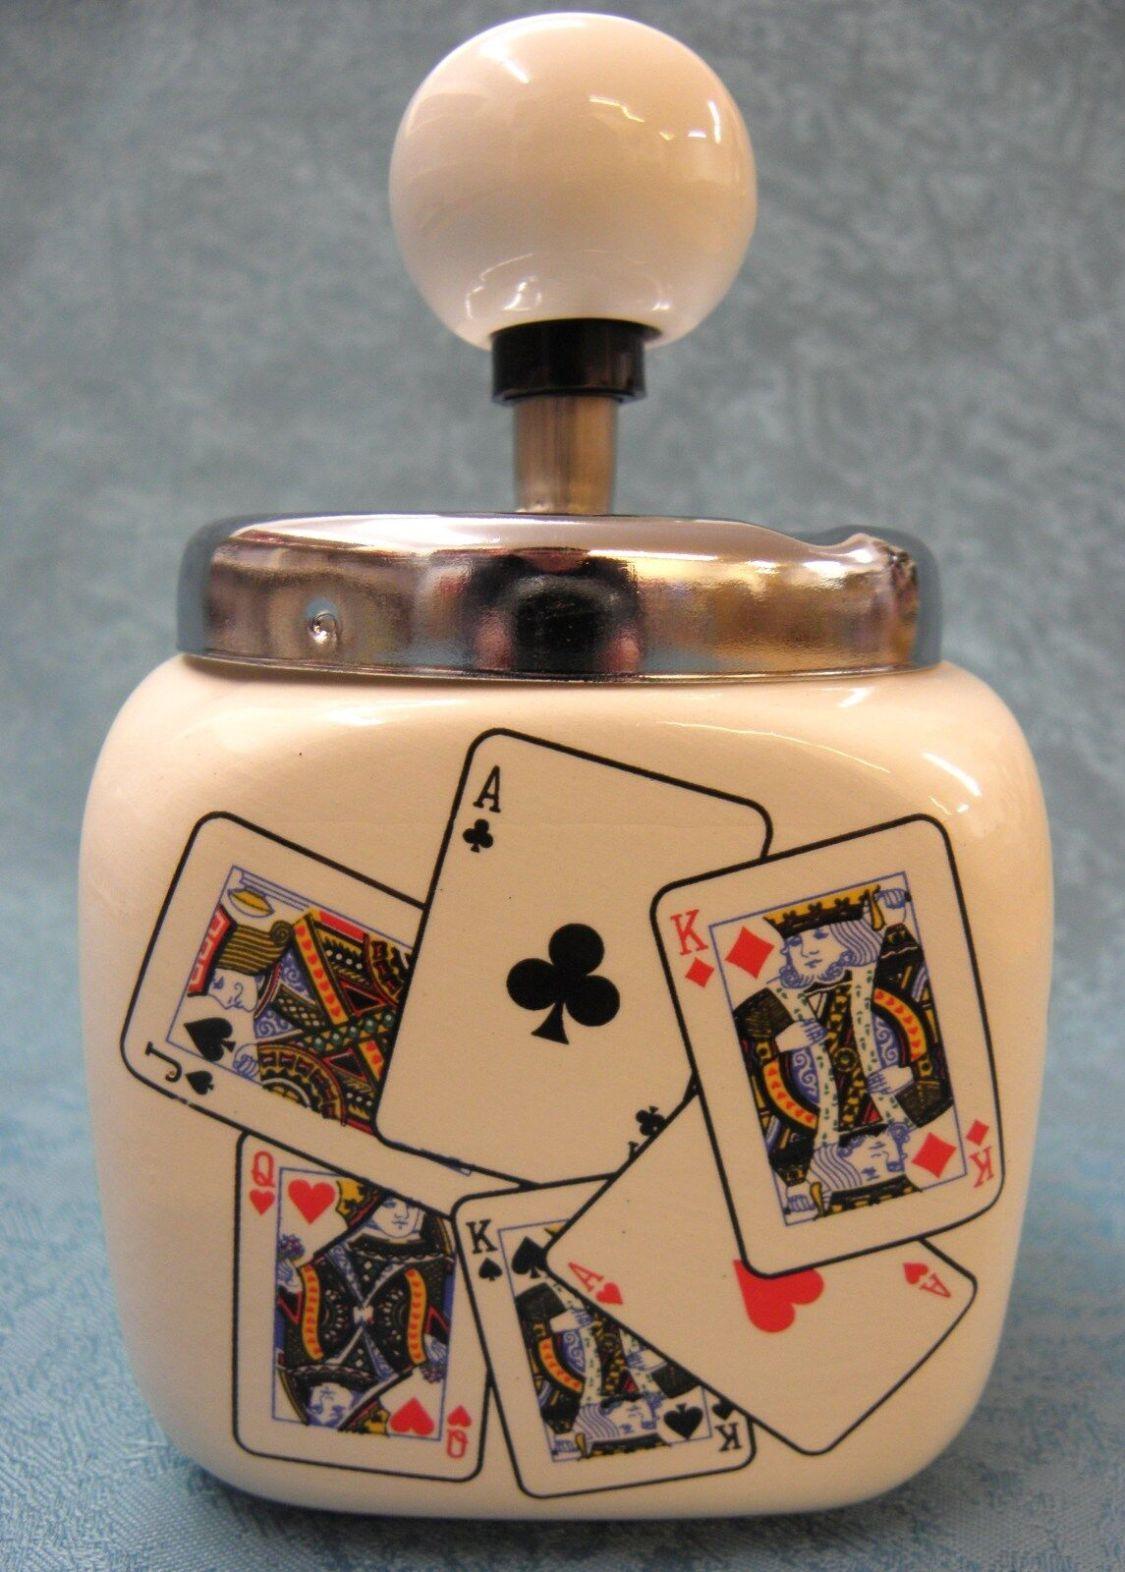 Poker Aschenbecher Spielkarten Drehascher Keramik Ascher Drehaschenbecher NEU